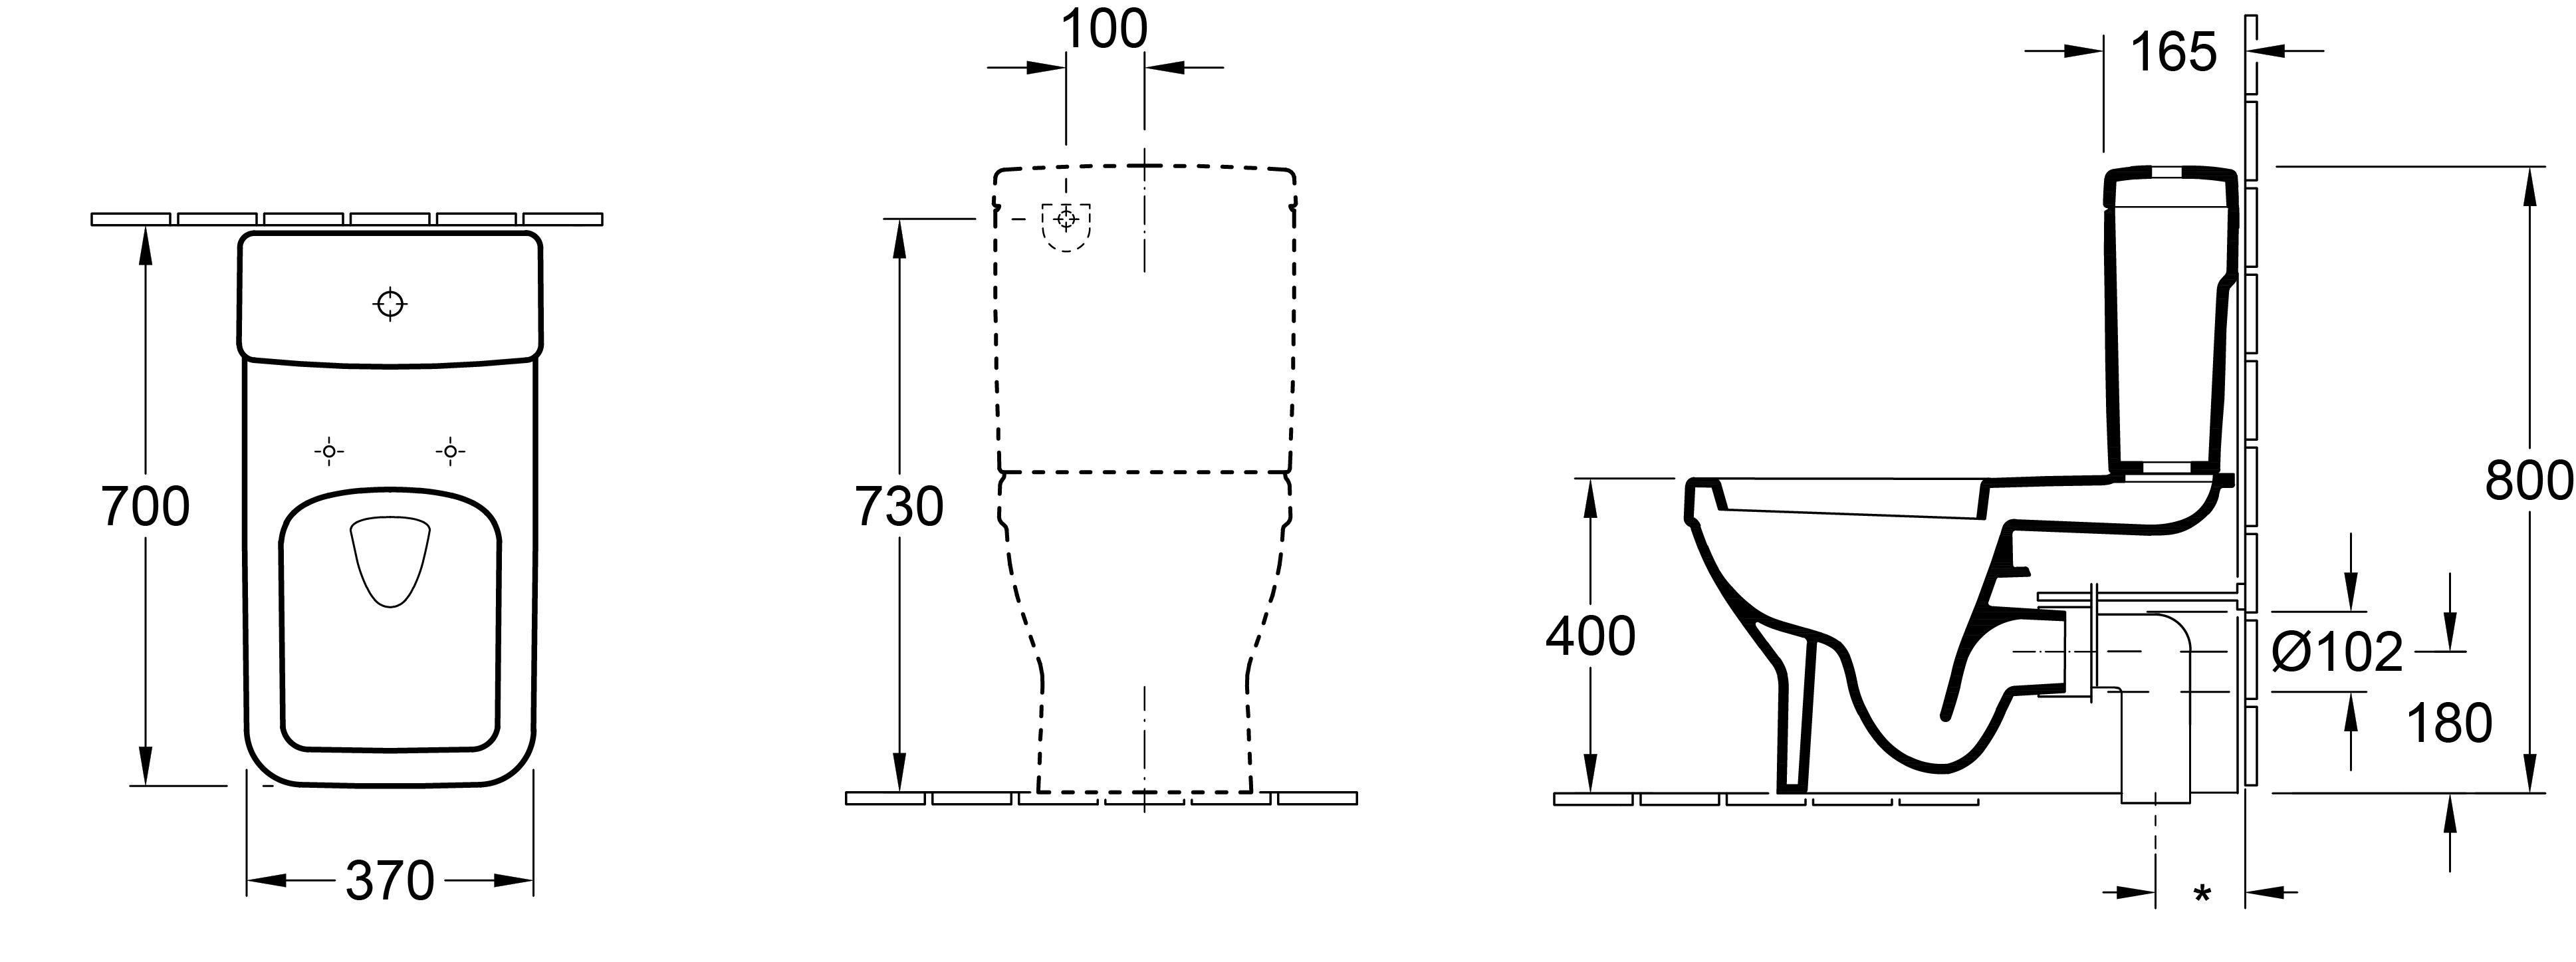 Architectura SQ BTW Toilet Suite